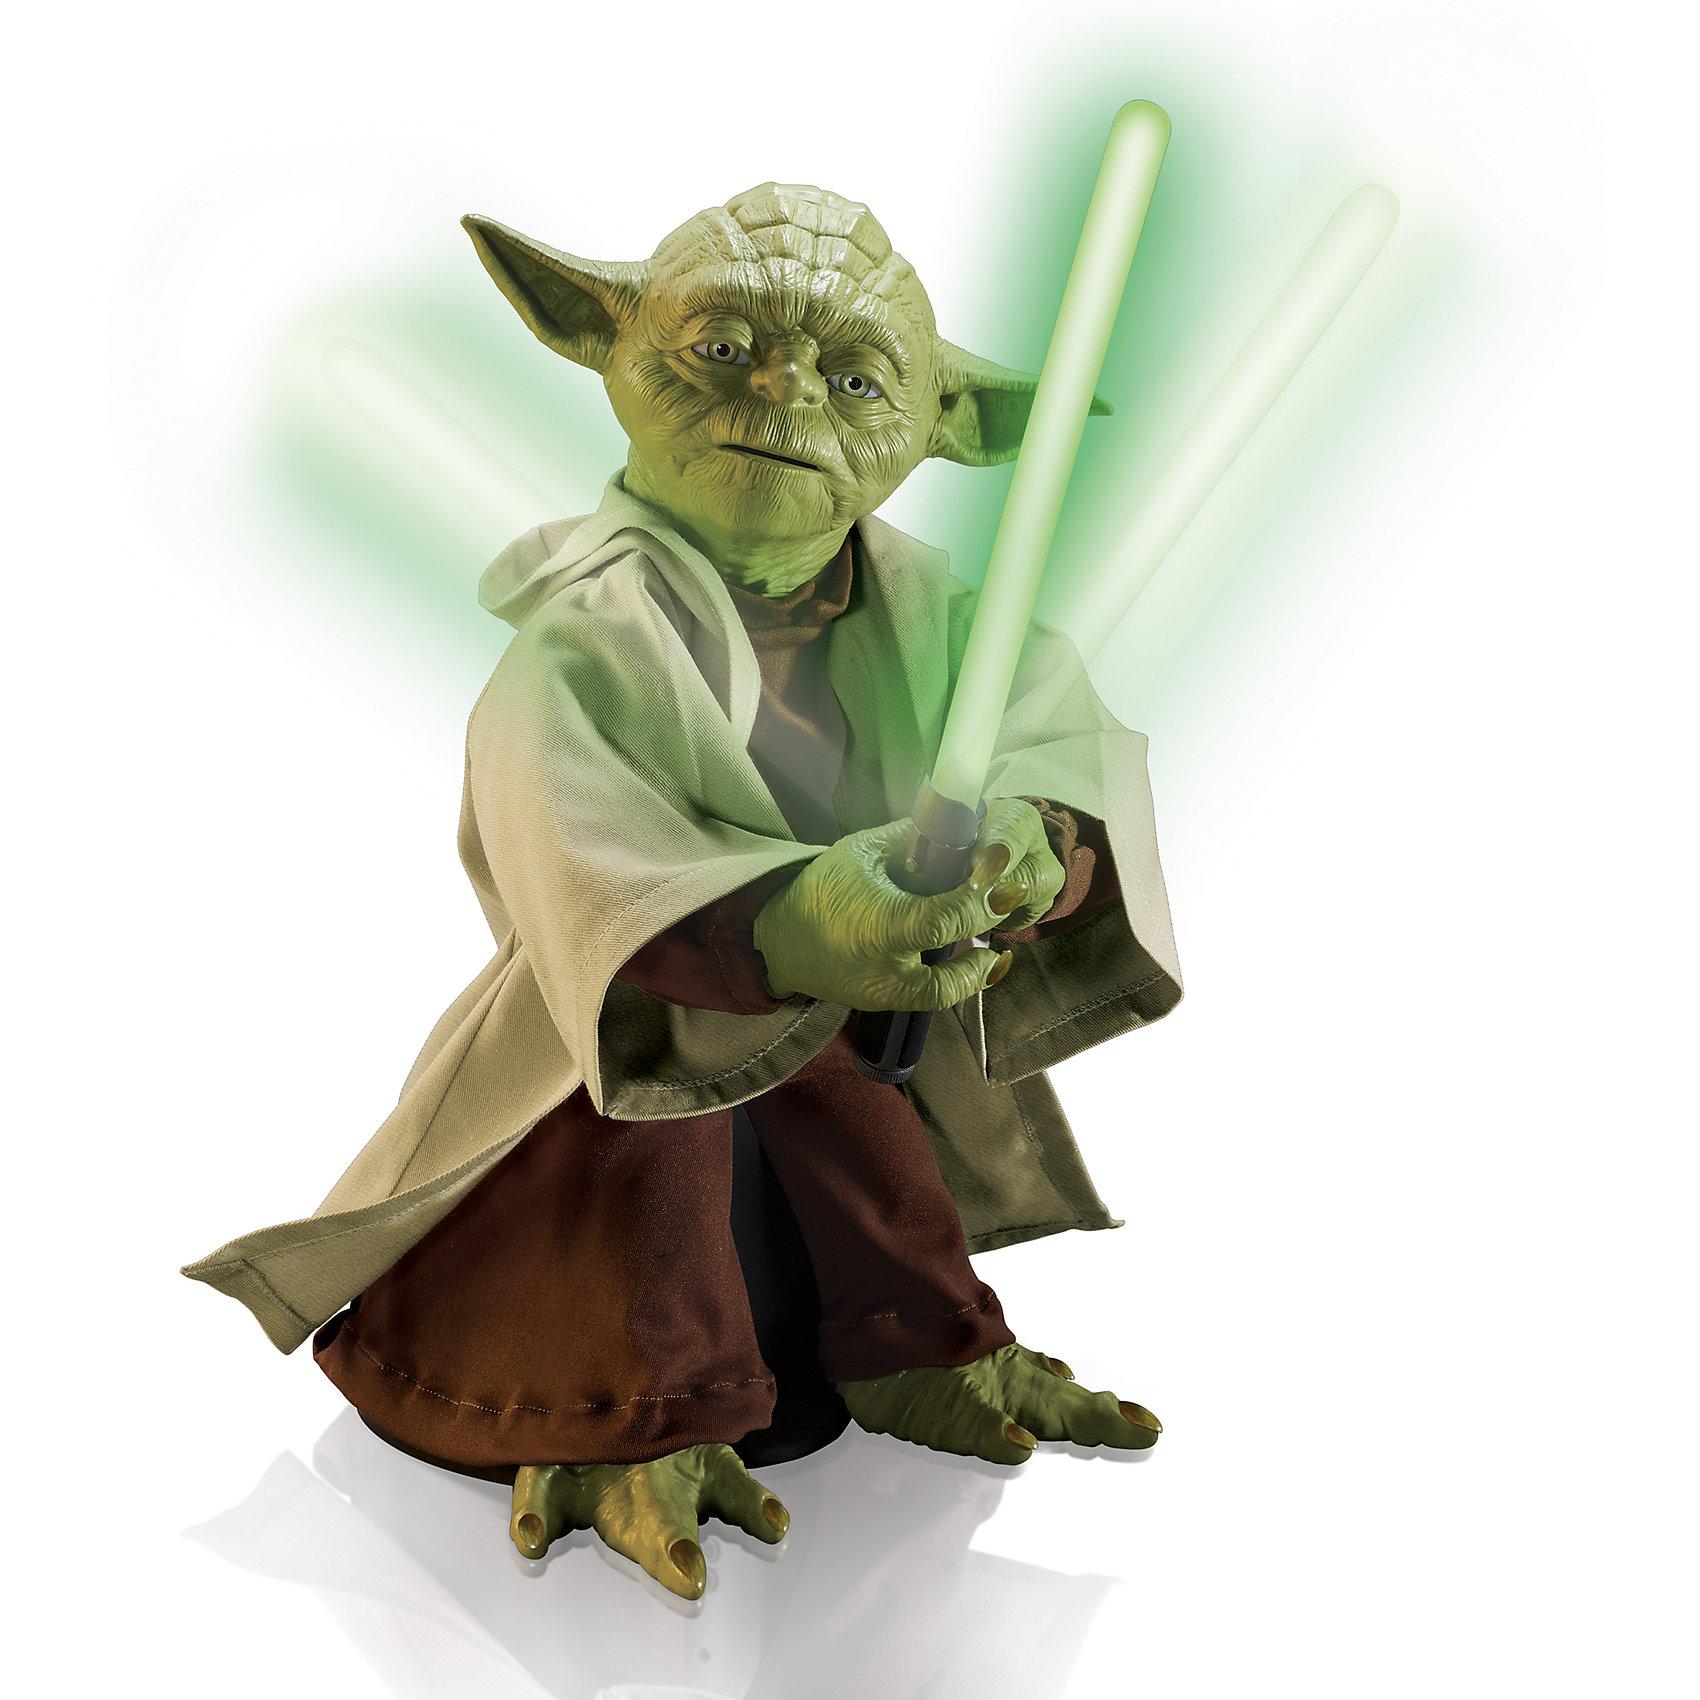 Игрушка Yoda, интерактивная, Звездные войныКоллекционные и игровые фигурки<br>Игрушка Yoda, интерактивная, Звездные войны - уникальный интерактивный Йода станет отличным подарком поклоннику Звёздных войн.<br>Магистр Yoda выполнен из латекса и пластмассы, а его одежда сделана из самой настоящей ткани. Благодаря использованию такого сочетания материалов, Йода выглядит невероятно реалистично и является точной копией персонажа из культовой саги! Фигура Йоды достигает высоты 40 сантиметров, в комплекте идут несколько аксессуаров: трость и световой меч. При вложении аксессуара в руки Йоды активируется один из режимов: война или мудрости. При отсутствии аксессуаров в лапах активируется режим ожидания или юмора. В этом режиме игрушка ожидает ваших действий, и время от времени произносит шутливые фразы в своём неподражаемом стиле. Режим «Мудрости» активируется после вложения в лапы Йоды трости. Фигурка распознаёт голос (только фразы на английском языке), произносит не менее 7 различных фраз и способен отвечать на вопросы: да, нет или возможно. Фигурка передвигается, постукивает тростью, у неё двигаются рот и руки. Режим «Война» активируется после вложения в лапы Йоды светового меча. Йода начнёт повторять движения из легендарных битв и комментировать их. Также он может преподать несколько базовых уроков владения световым мечом. Интерактивный Мастер Yoda, несмотря на свой довольно внушительный размер, может активно передвигаться в пространстве, с легкостью крутиться на 360 градусов, а также совершать отточенные и выверенные движения световым мечом, буквально разрезая воздух!<br><br>Дополнительная информация:<br><br>- В наборе: интерактивная фигурка Магистра Йоды, световой меч, трость, инструкция<br>- Высота фигурки: 40 см.<br>- Материал: латекс, текстиль, пластмасса<br>- Количество произносимых фраз: 115<br>- Батарейки: 6 х С/LR14 1.5V (в комплект не входят)<br>- Размер упаковки: 34 х 46 х 30 см.<br>- Вес: 3,78 кг.<br><br>Игрушку Yoda, интерактивную, Звездные войны можно купит